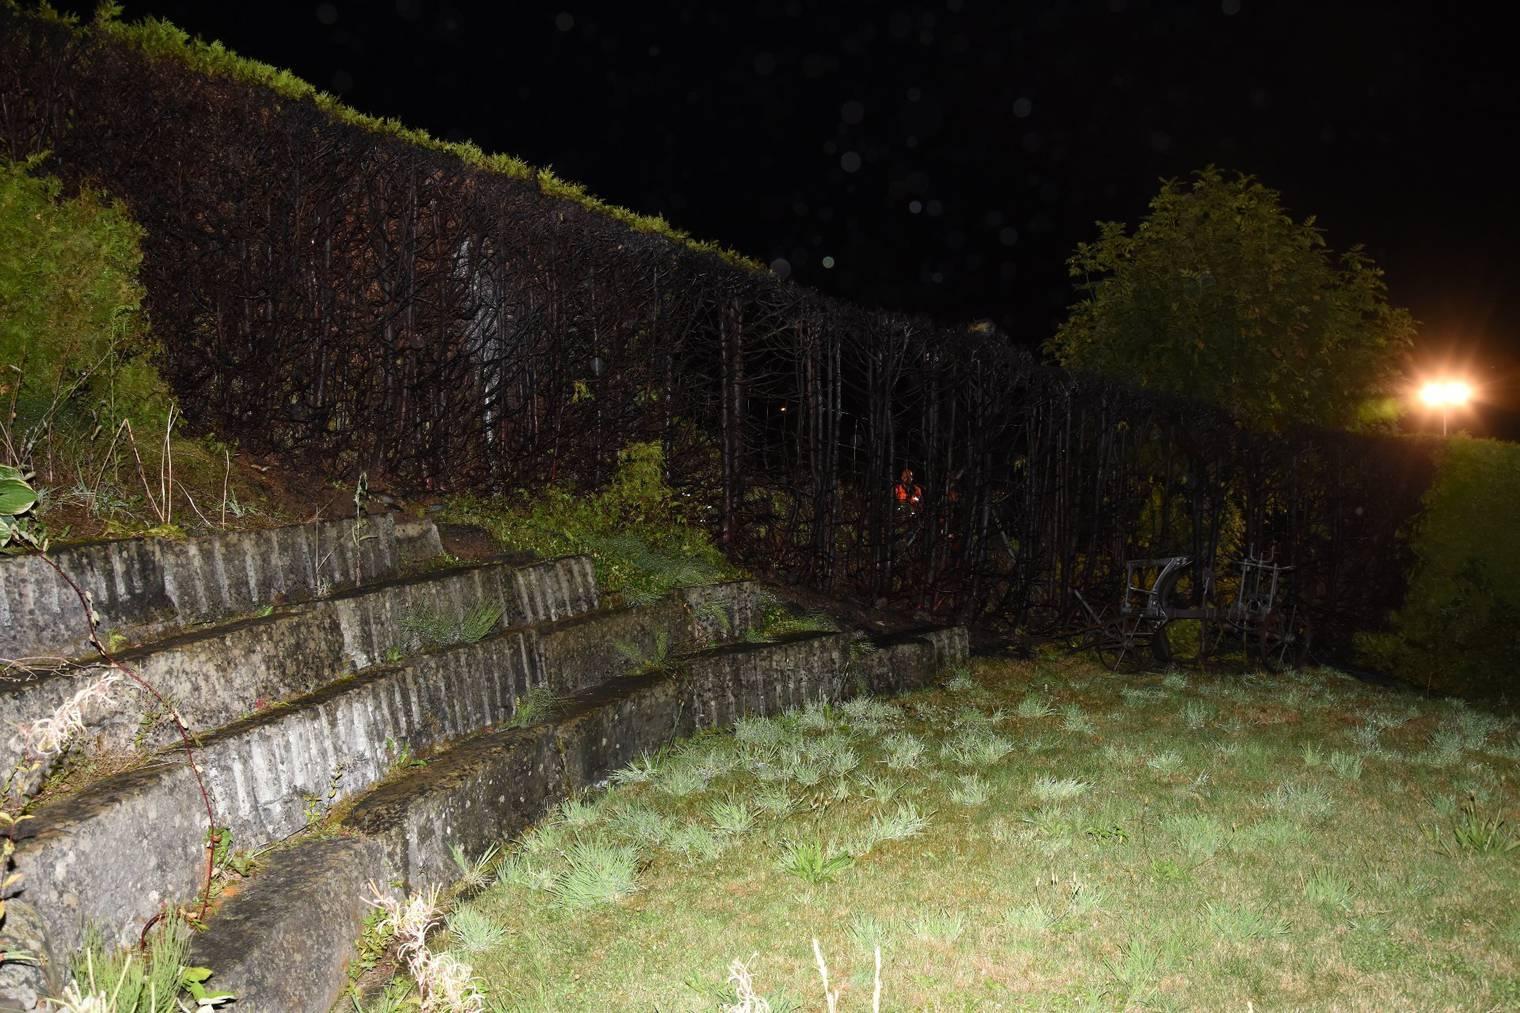 Die Bewohner versuchten die Hecke vergeblich zu löschen und mussten die Feuerwehr alarmieren. (Bild: Kapo SG)